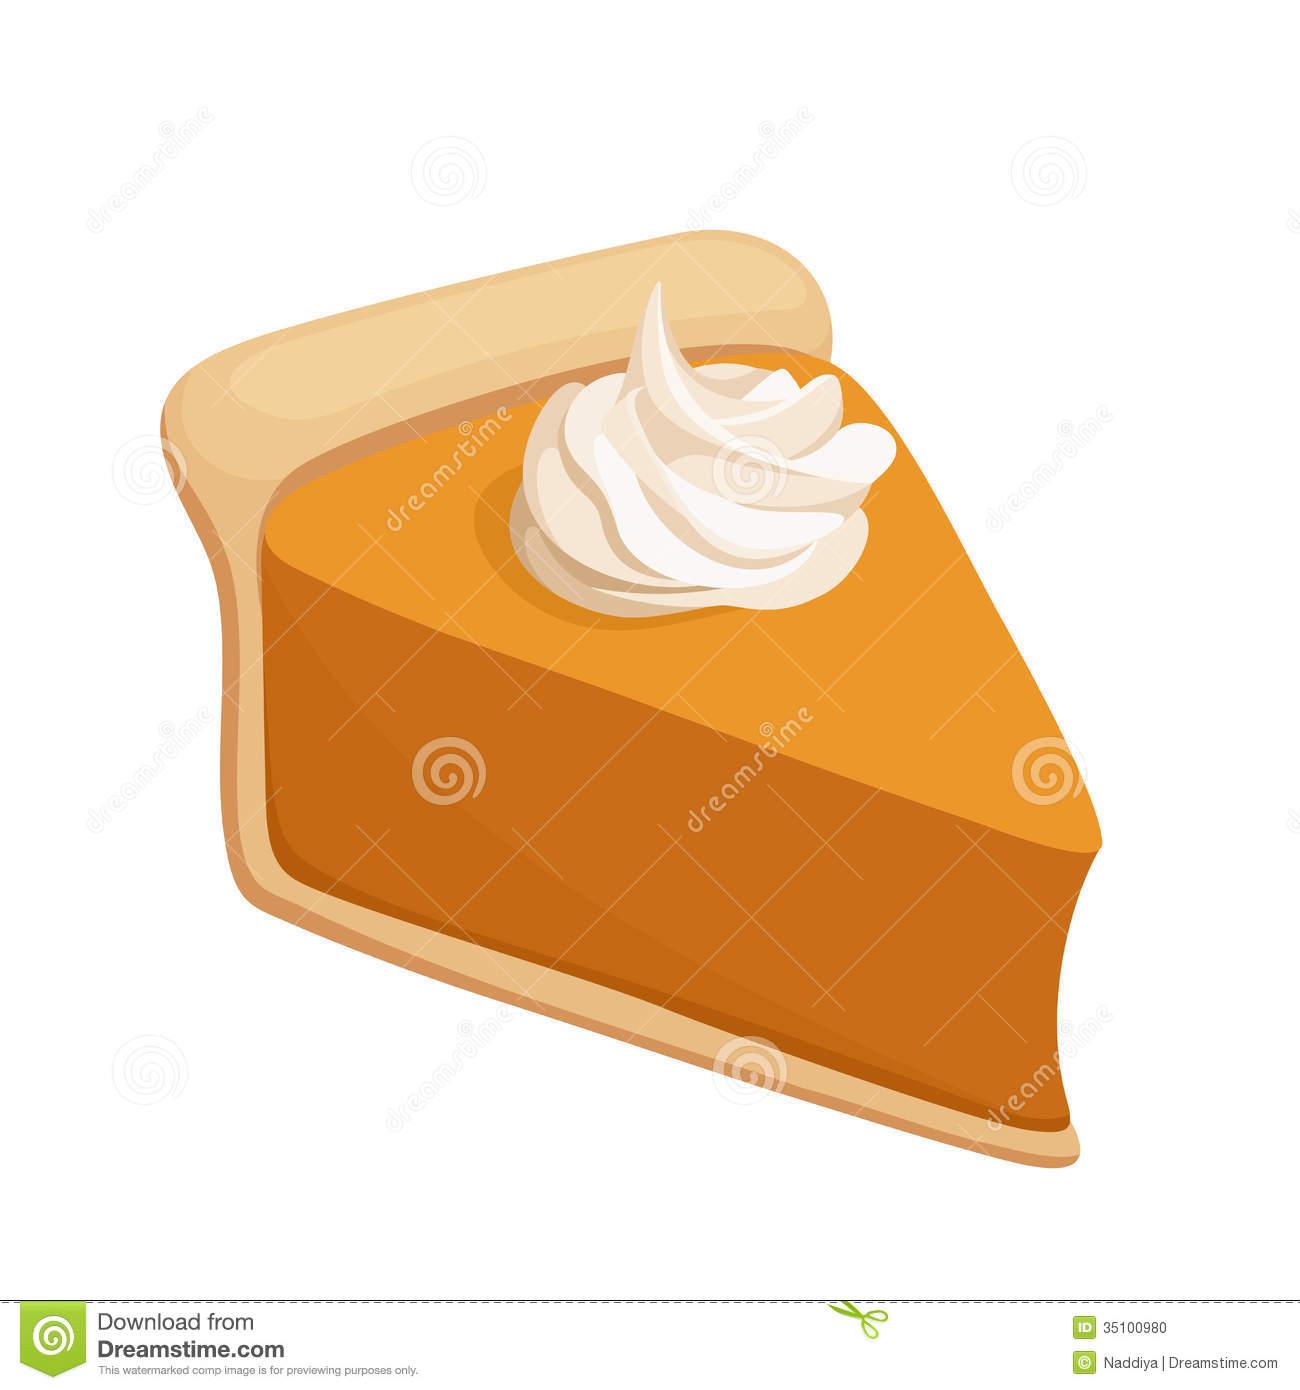 19 Pie Slice Vector Art Images